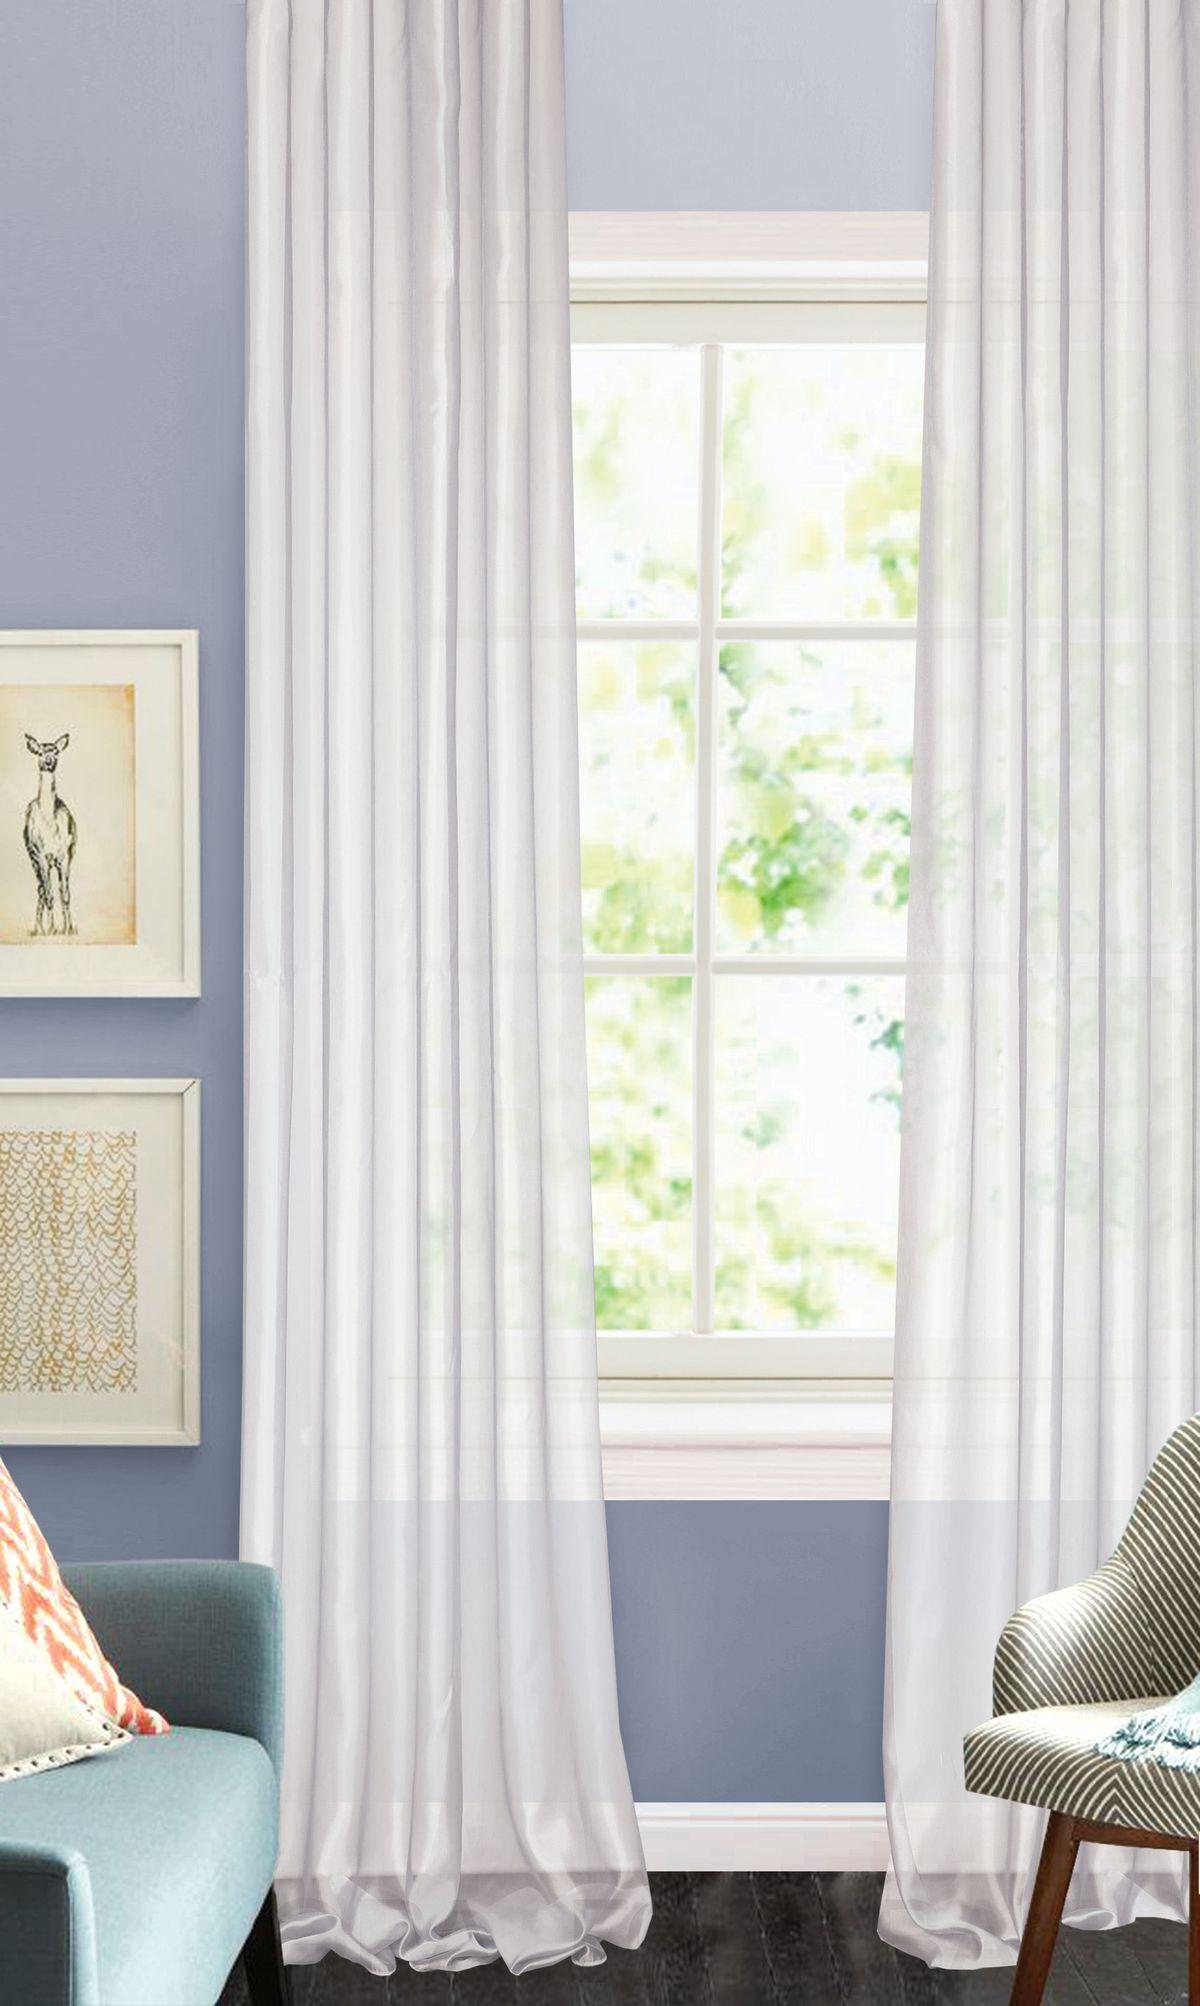 Штора готовая Garden, на ленте, цвет: бледно-сиреневый, 450х270 см. С W875 450х270 V30С W875 450х270 V30Изящная штора для гостиной Garden выполнена из легкой ткани с оригинальной структурой. Приятная текстура и цвет штор привлекут к себе внимание и органично впишутся в интерьер помещения. Штора крепится на карниз при помощи ленты, которая поможет красиво и равномерно задрапировать верх.